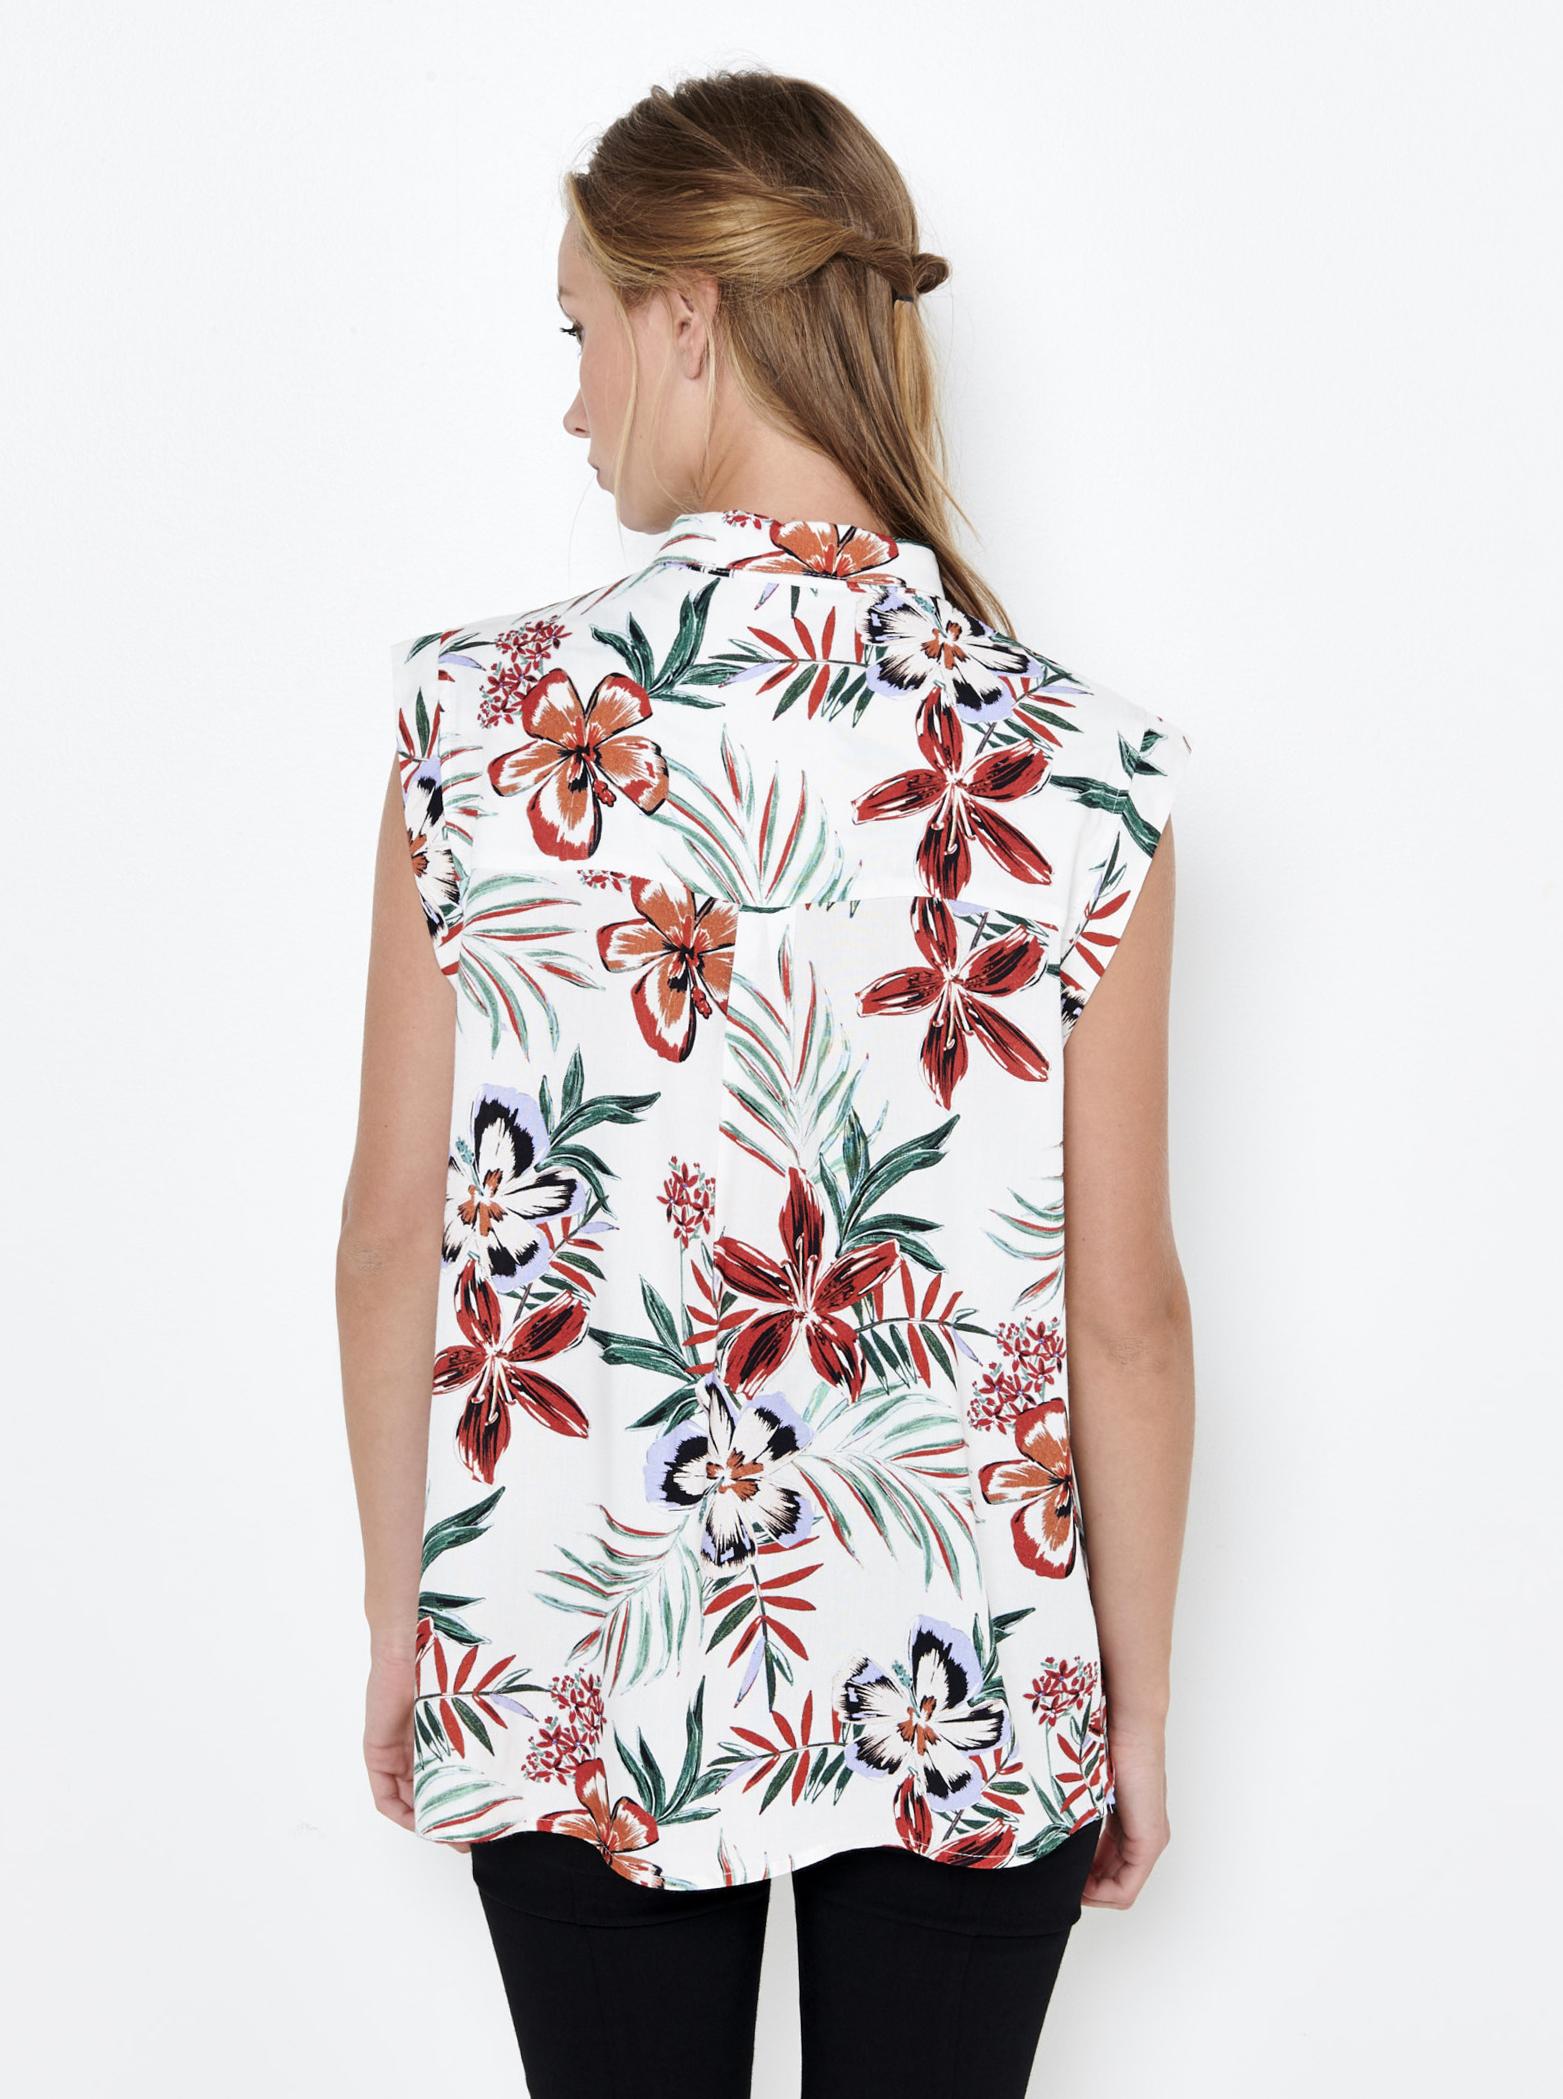 CAMAIEU white top with floral motif